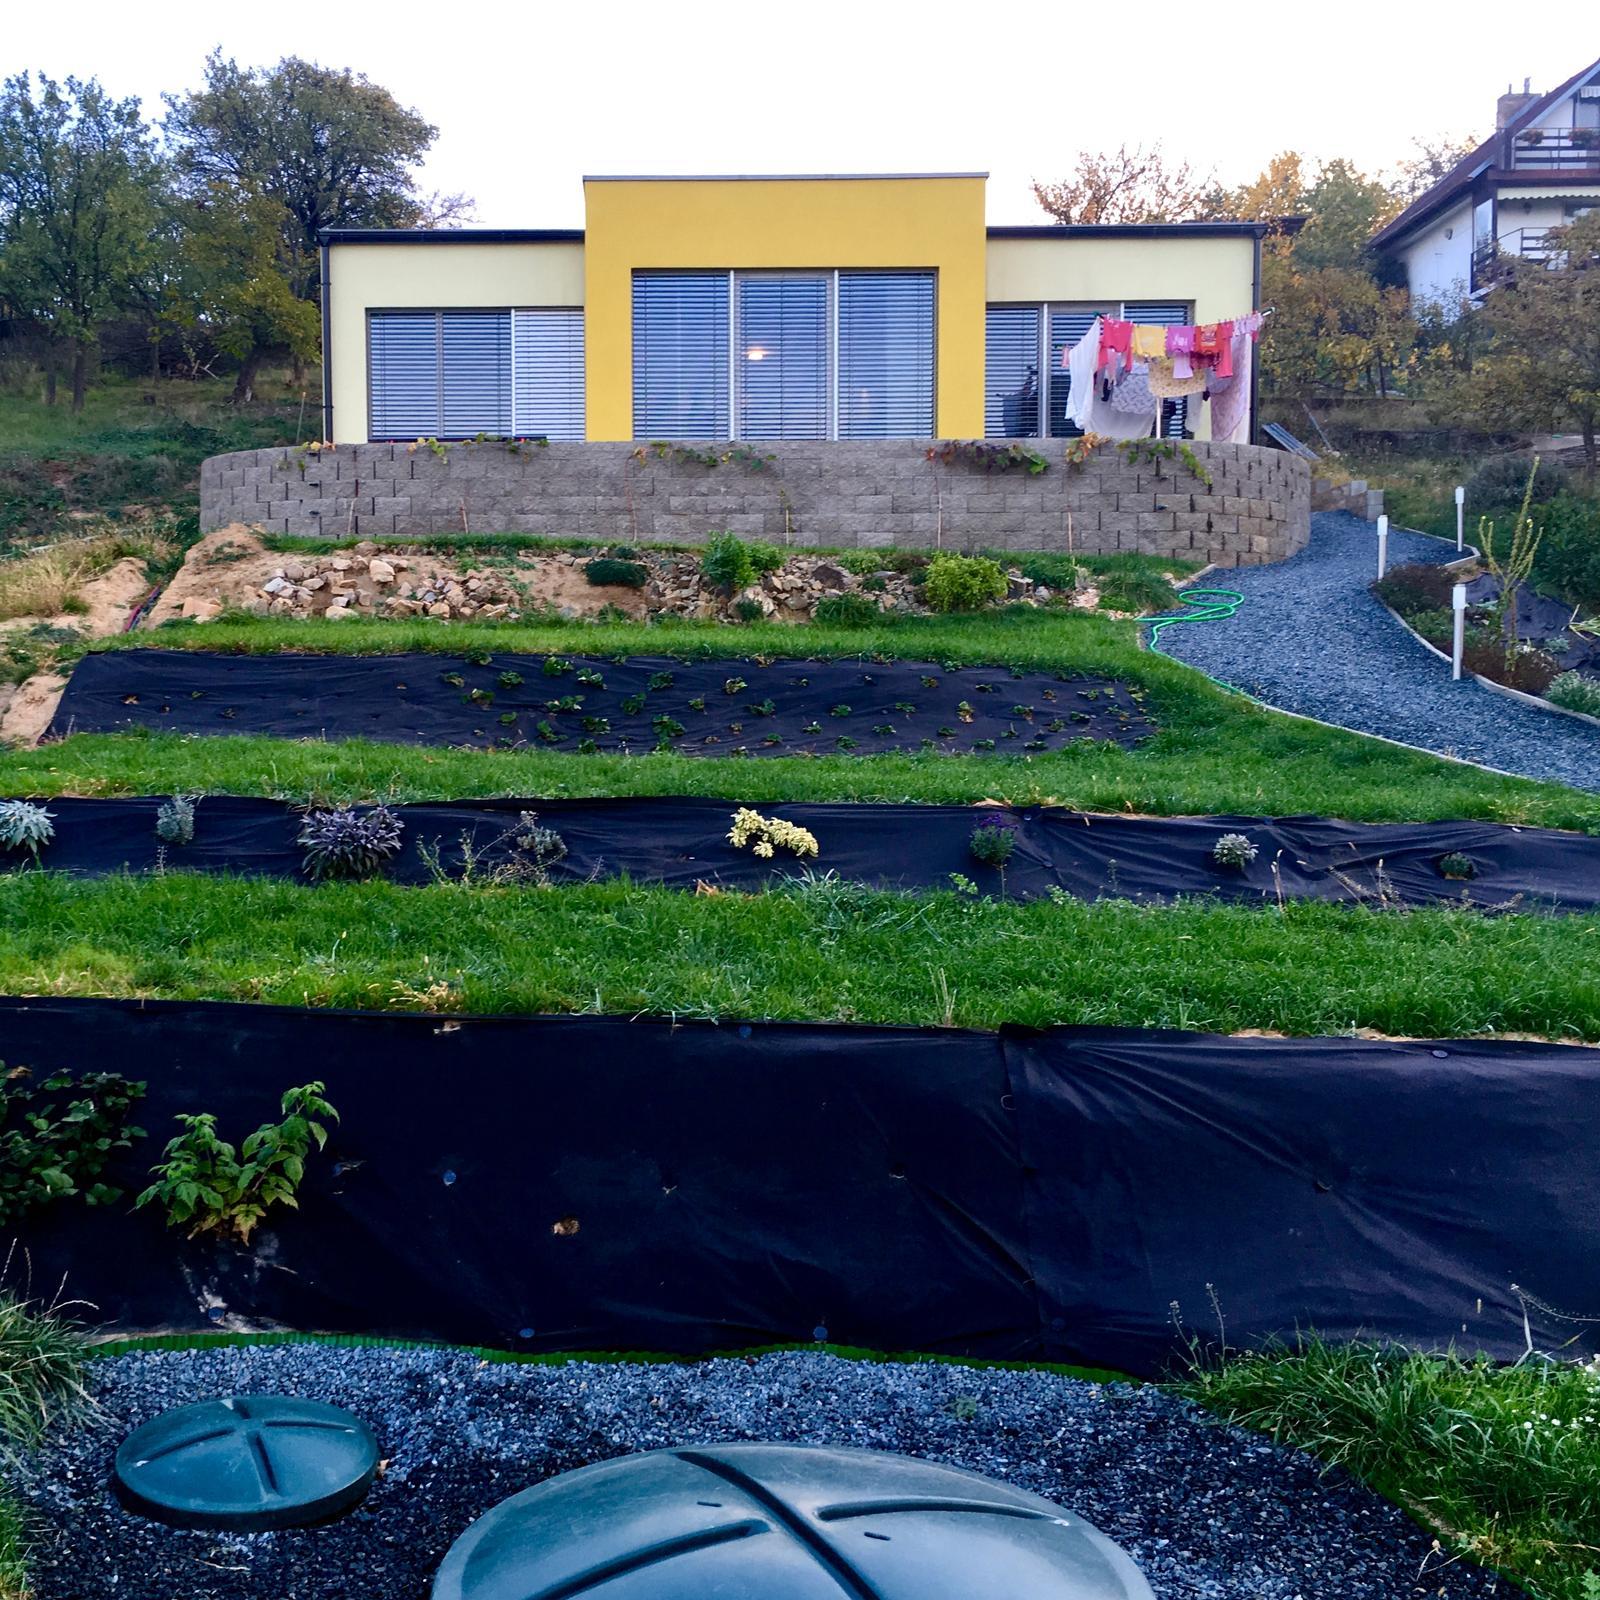 Skřítčí zahrada 2015 - 2020 - Říjen 2018 (ráno) - terasy se zelenají trávou, bylinky (skalkové + šalvěje a levandule níže) zdárně rostou, manželem posekané maliníky a ostružiníky obrazily, réva a jahodníky ožrané srnami se drží, zasázeny první rostliny do budoucí květinové skalky